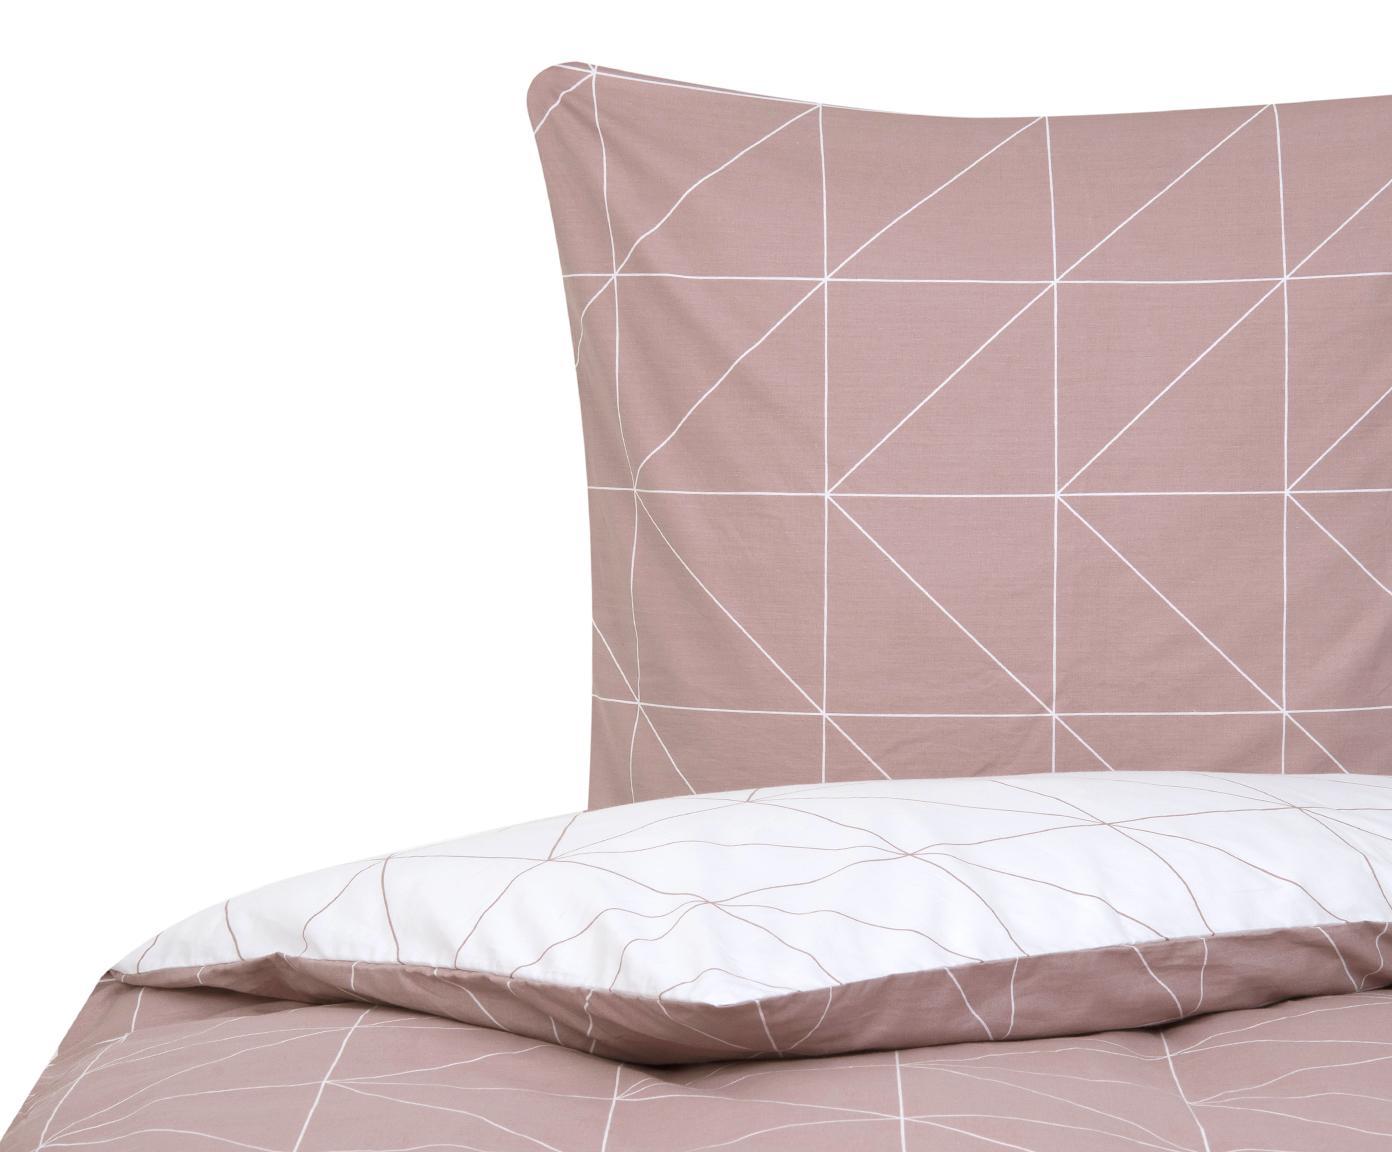 Parure copripiumino reversibile in cotone ranforce Marla, Tessuto: Renforcé, Malva, bianco, 155 x 200 cm